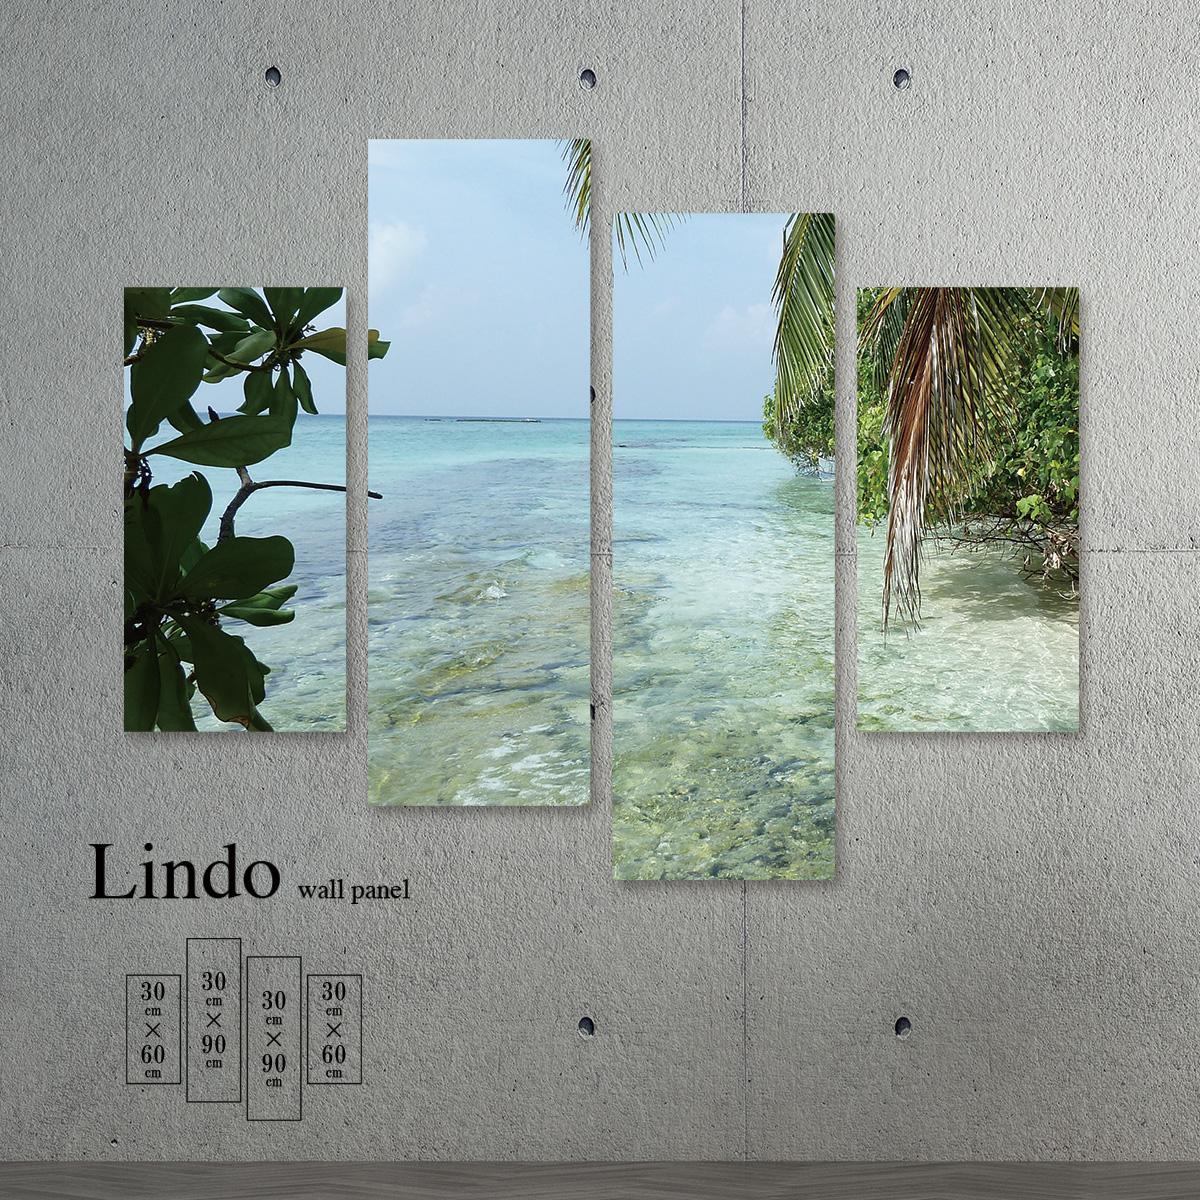 ファブリックパネル 海 海面 海岸 浜辺 ビーチ 風景 景色 水中 空 壁掛け 北欧 お洒落 デザイン アート 壁飾り アートボード 4枚パネル